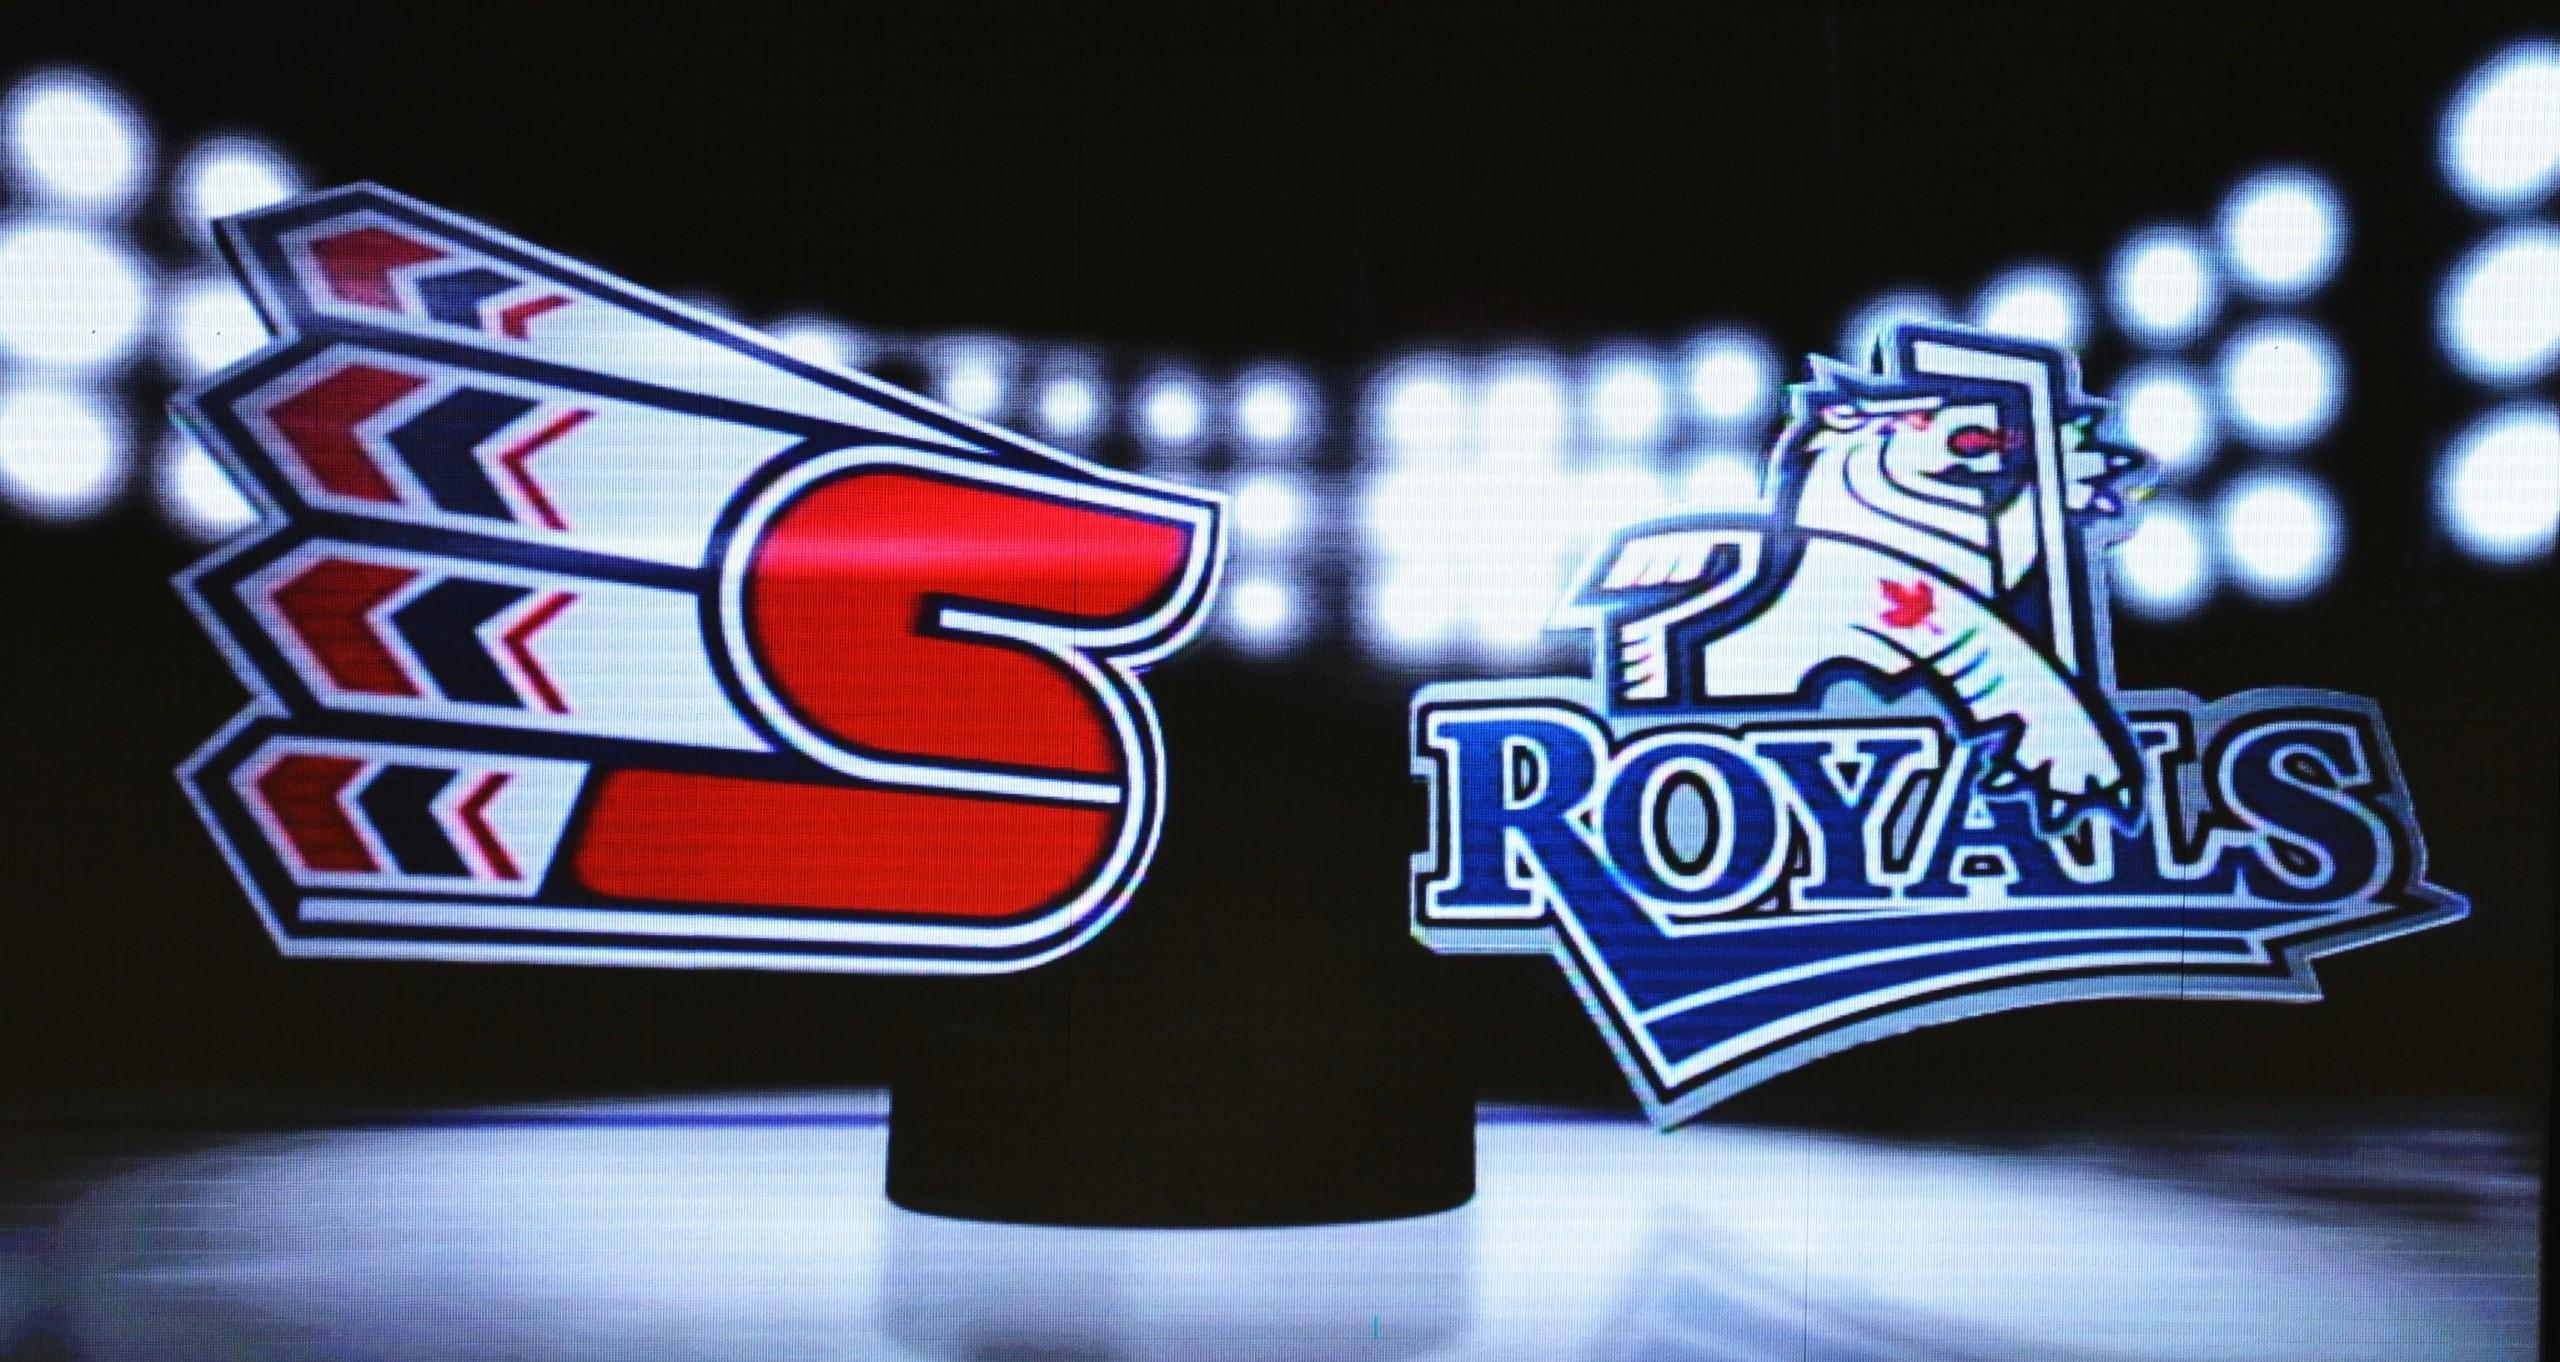 Royals Face Chiefs in Round 1 Playoffs